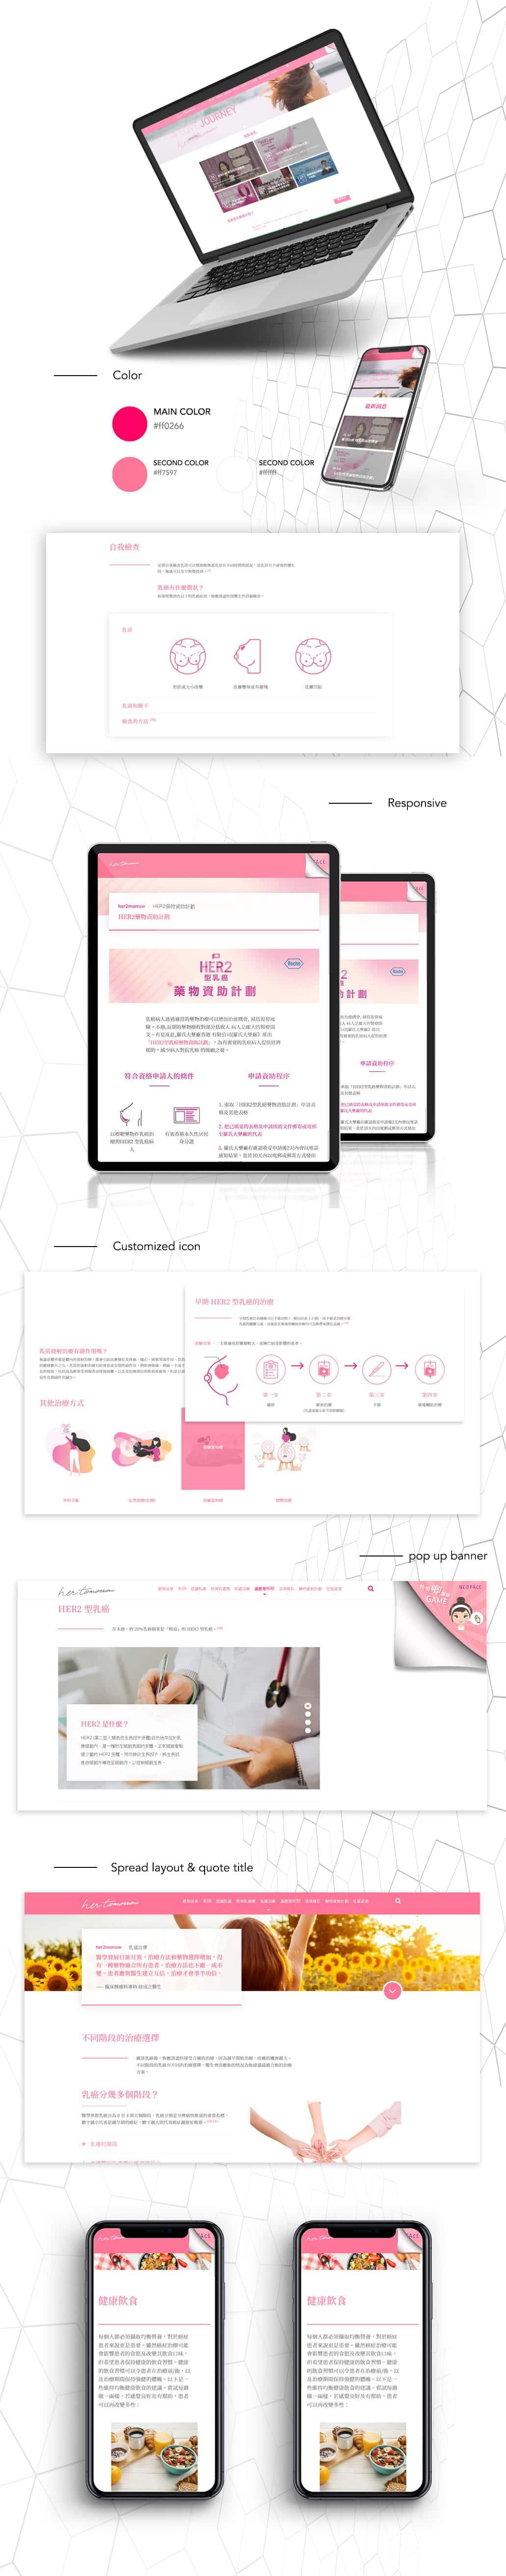 香港醫療網頁設計